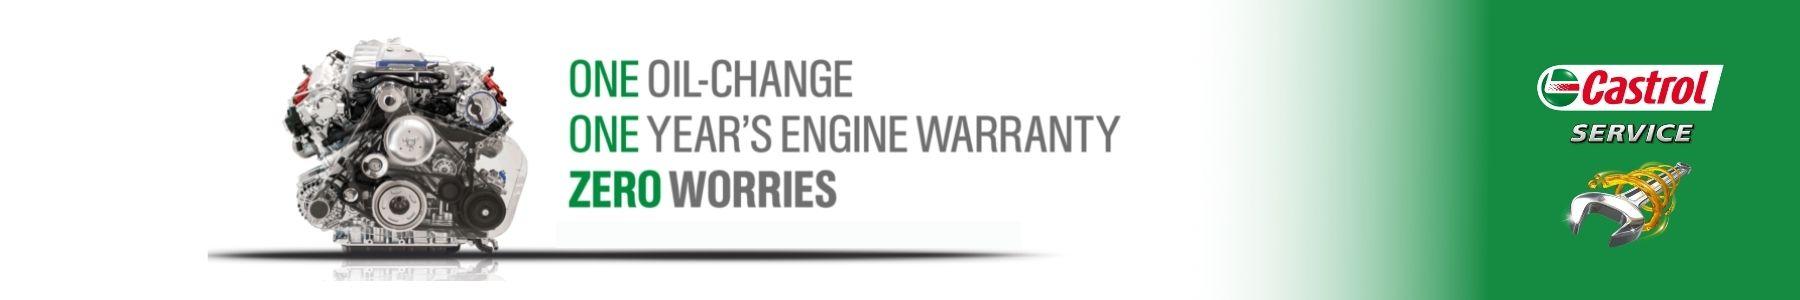 Castrol engine banner